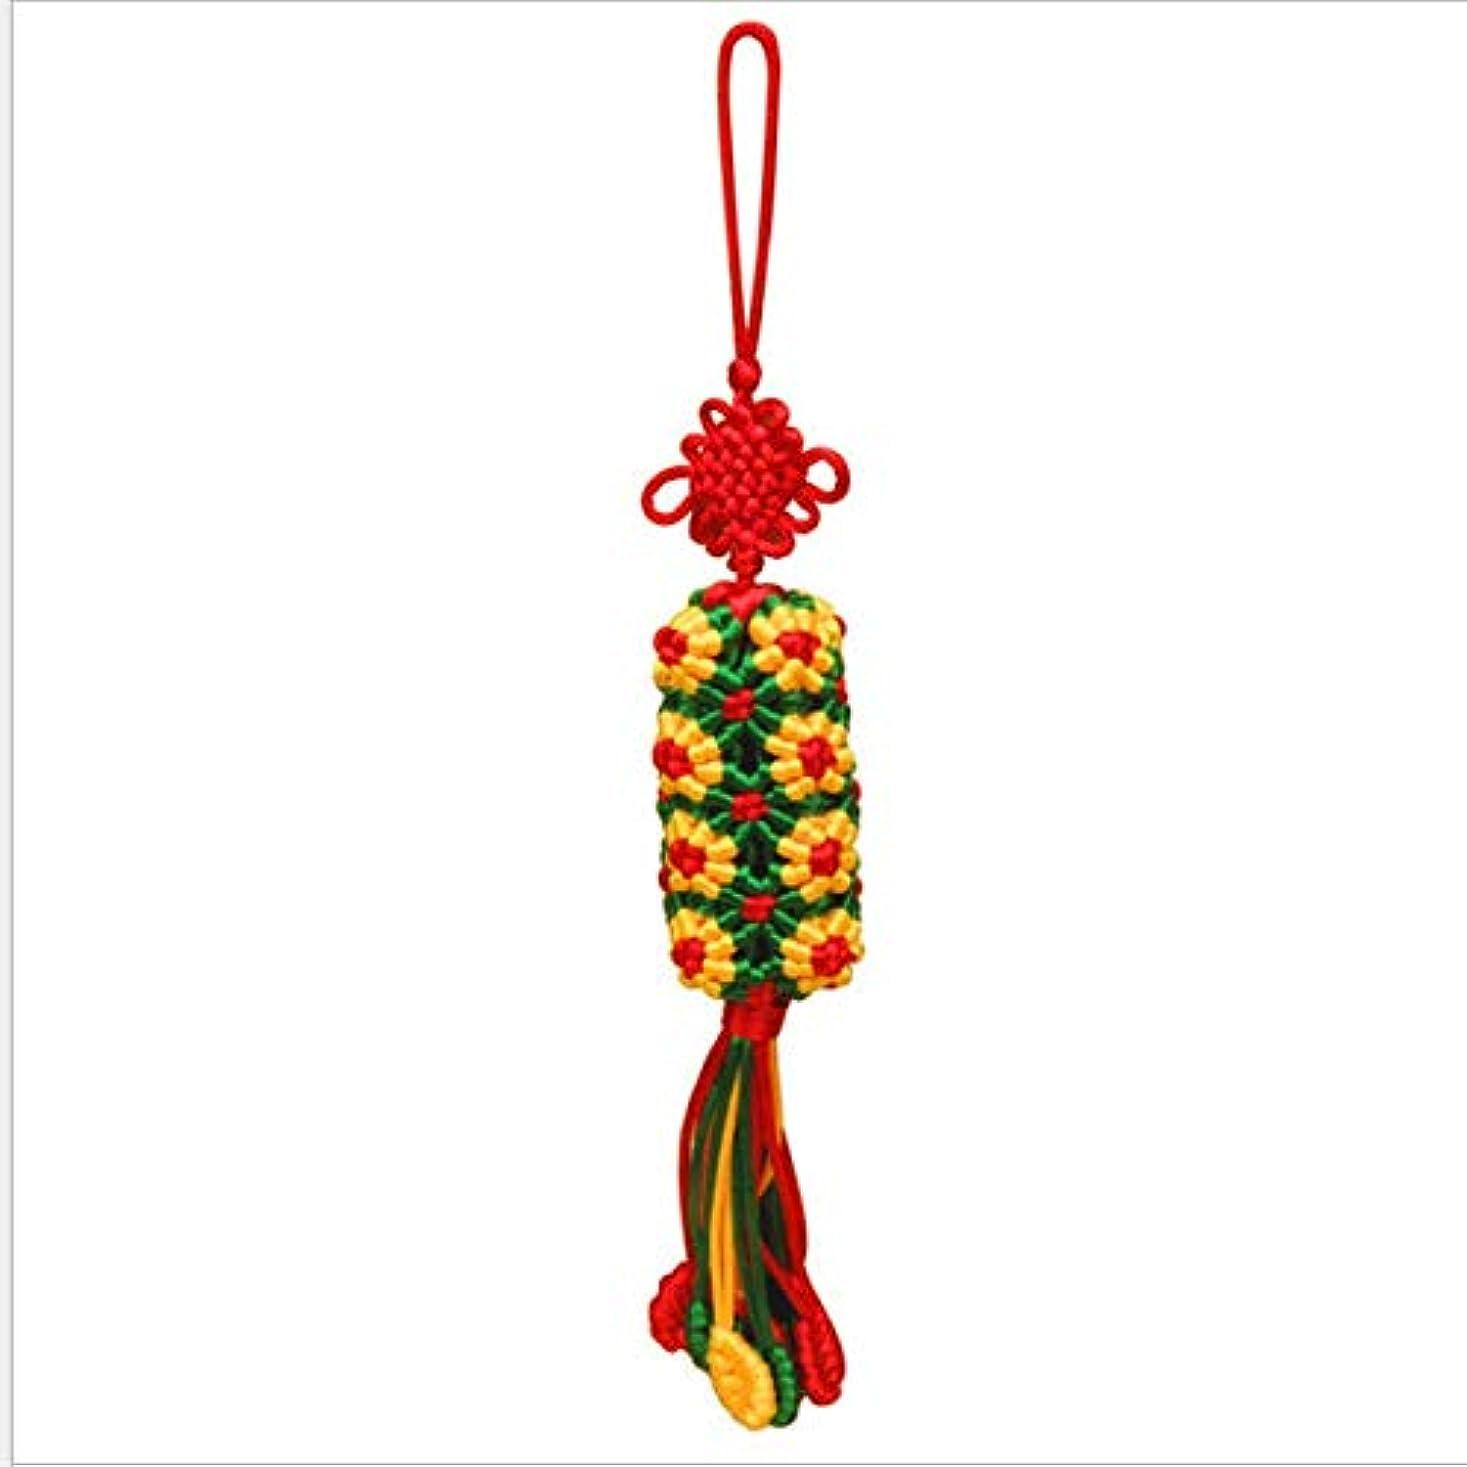 処方する先行するミリメーターYoushangshipin 1パック、カラフルなロープの手編みの小さなペンダント、ひまわりのペンダント、フリンジサテンのチャイニーズノット(赤),美しいギフトボックス (Color : Red)